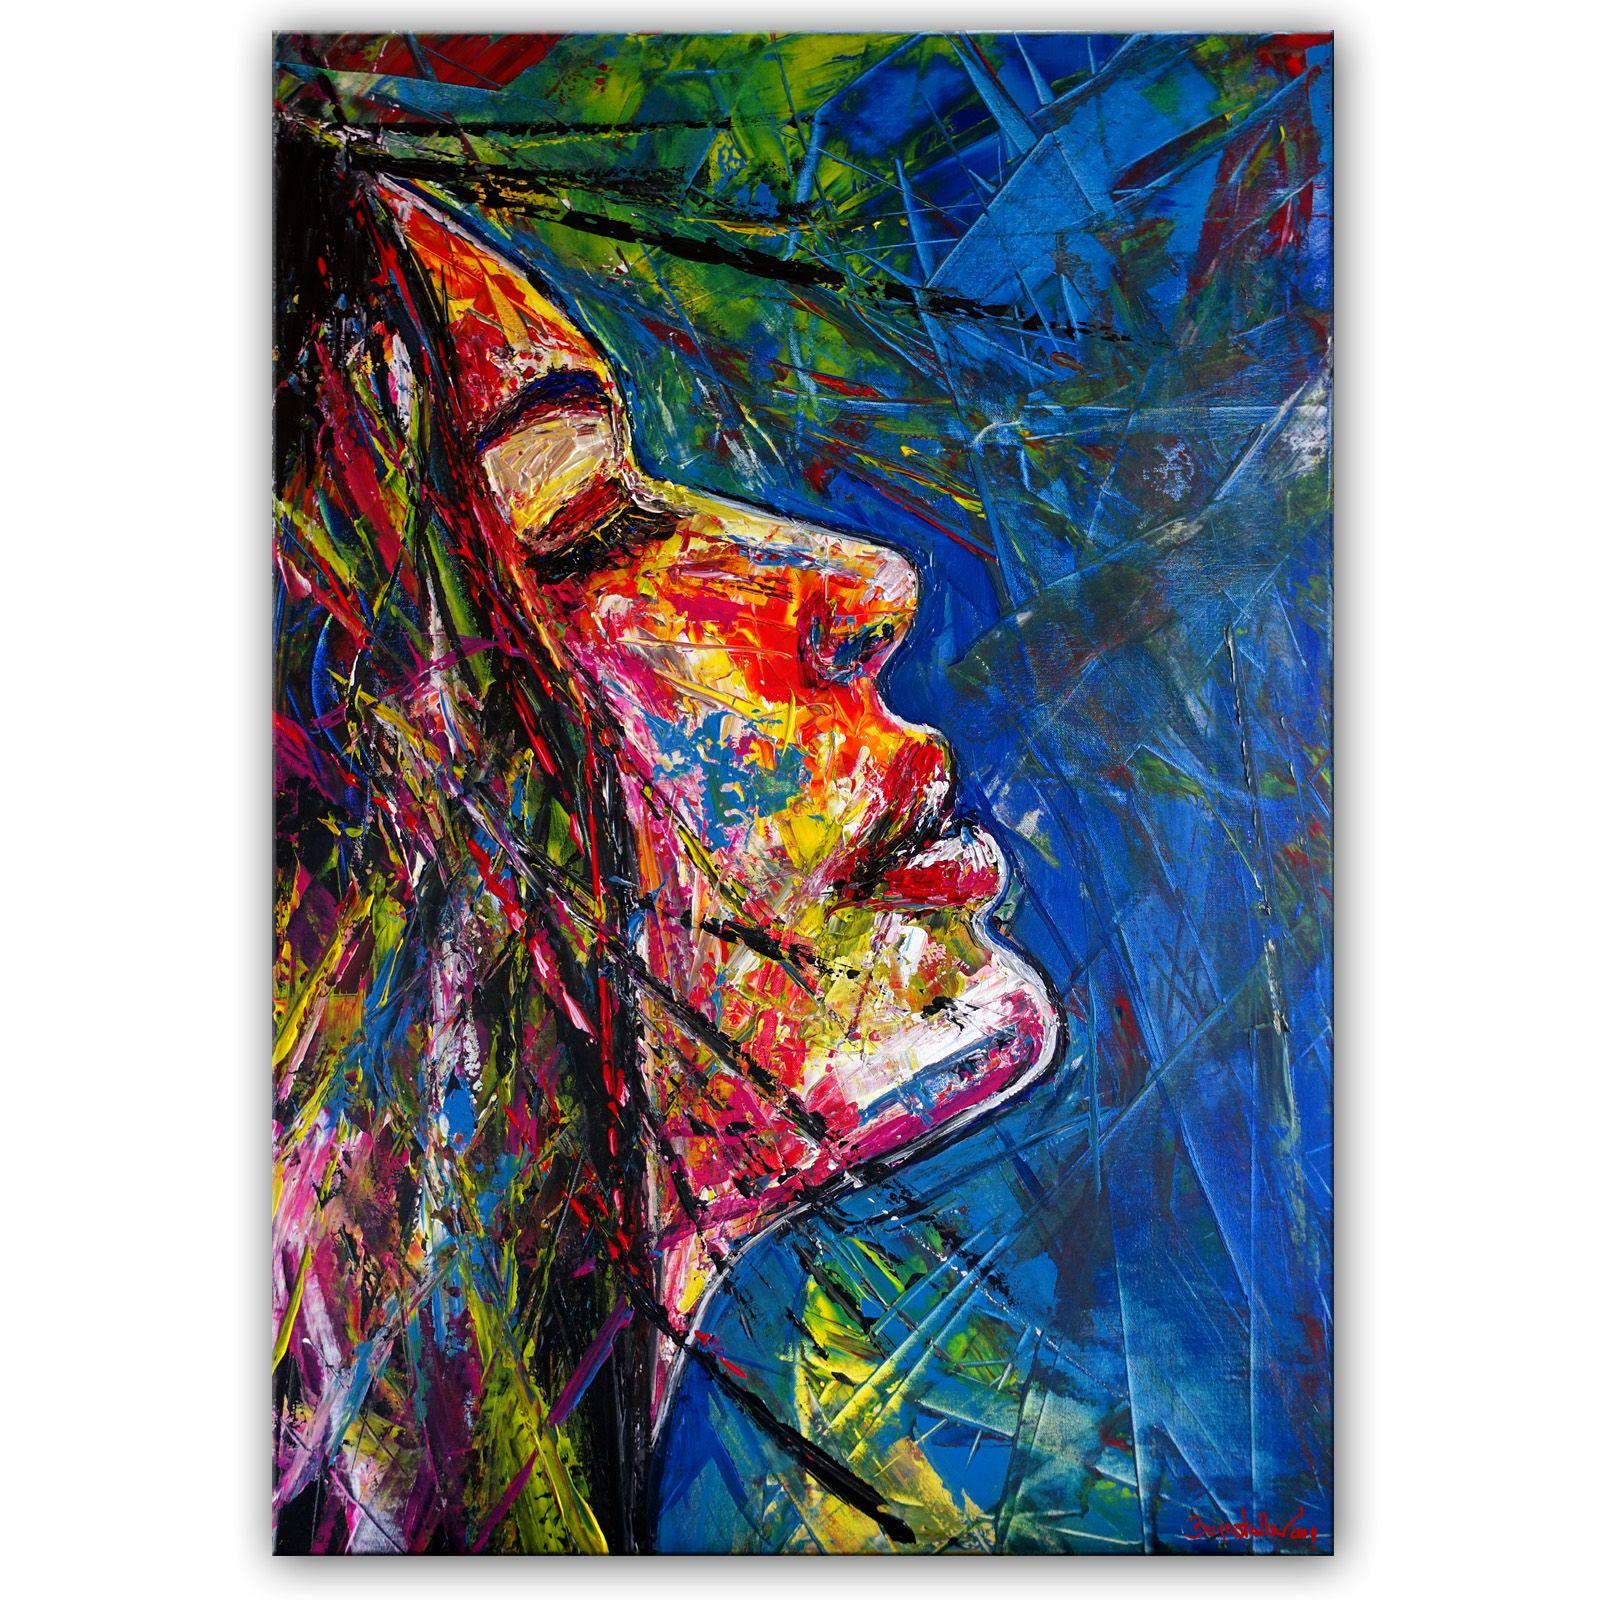 wandbild amazone malerei gesicht acryl gemalde abstrakt malen abstrakte bilder bild